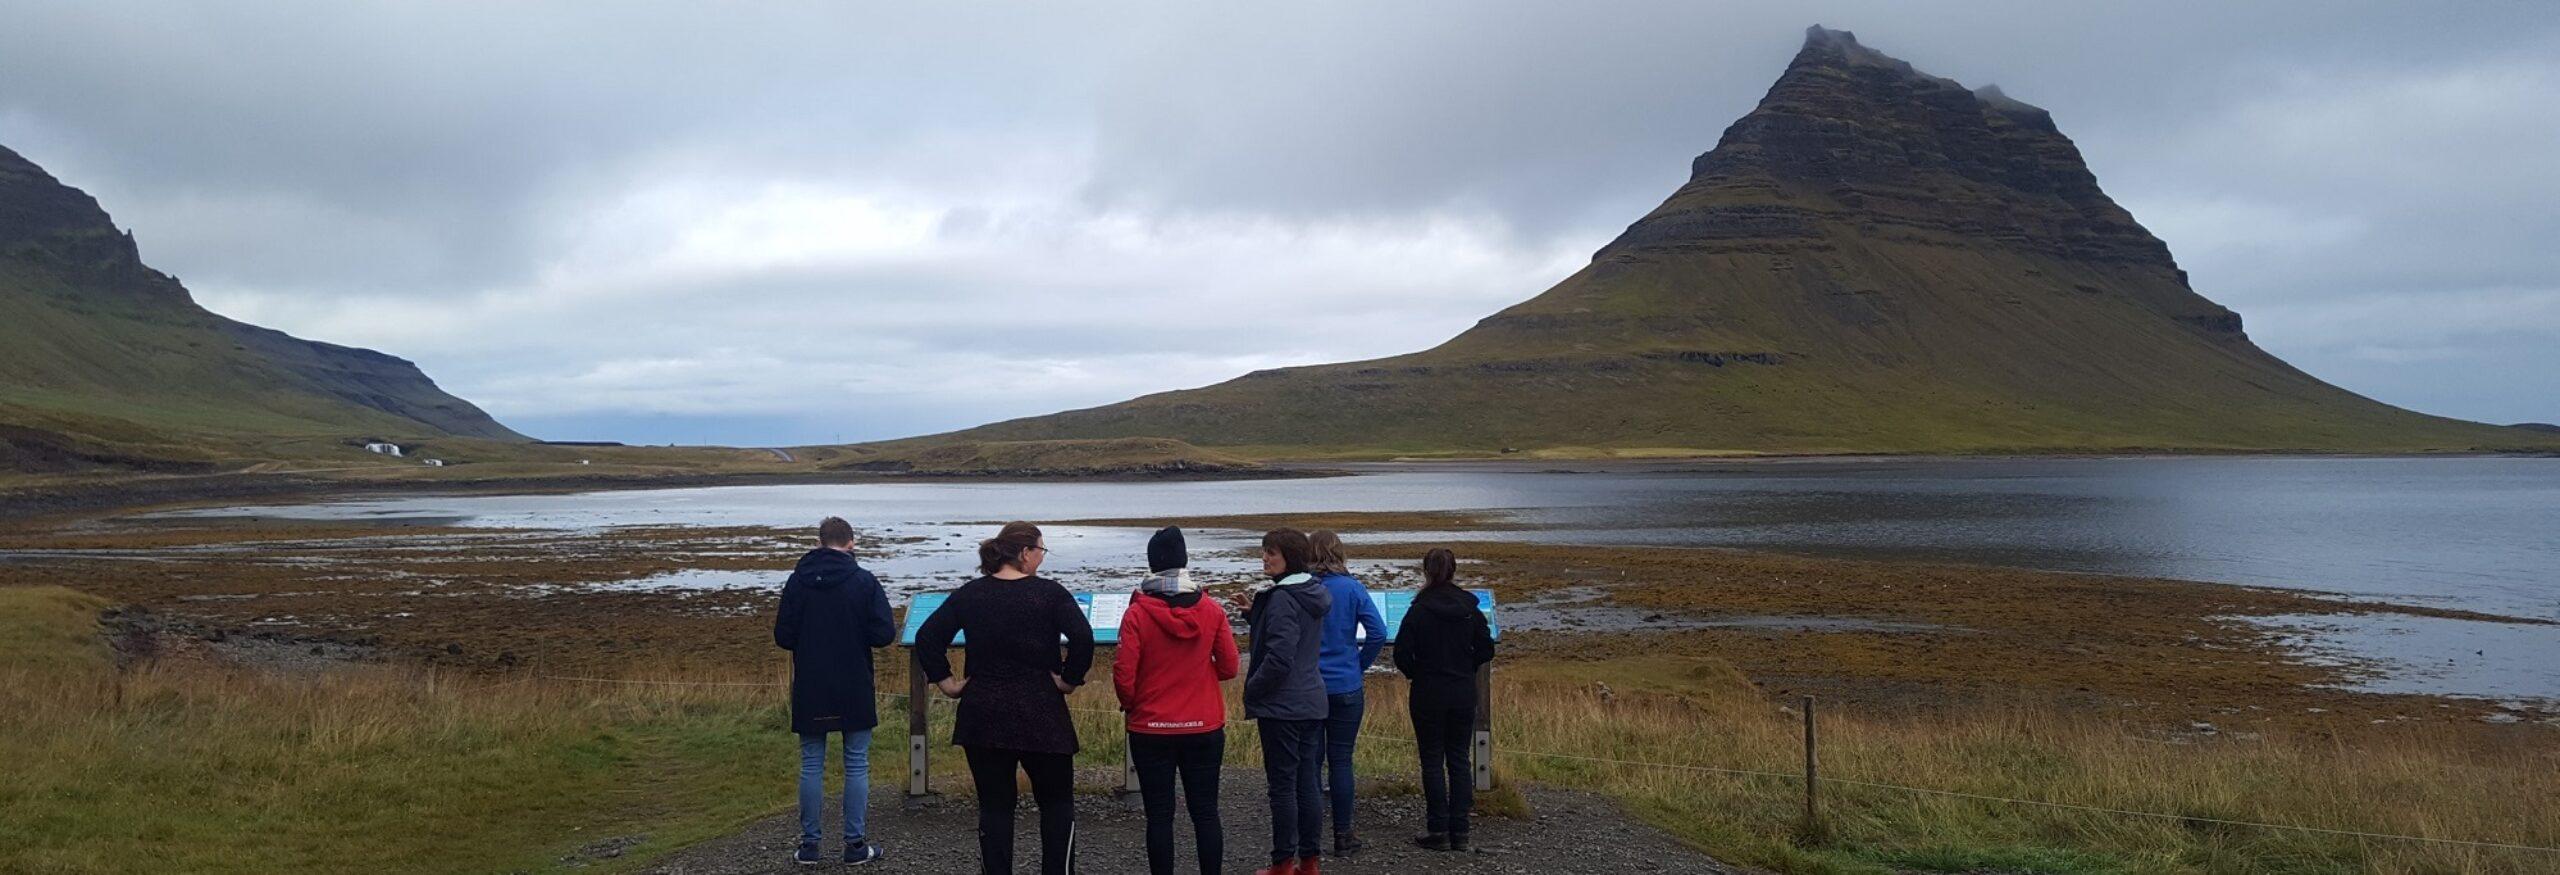 Learning Journey in Snæfellsnes